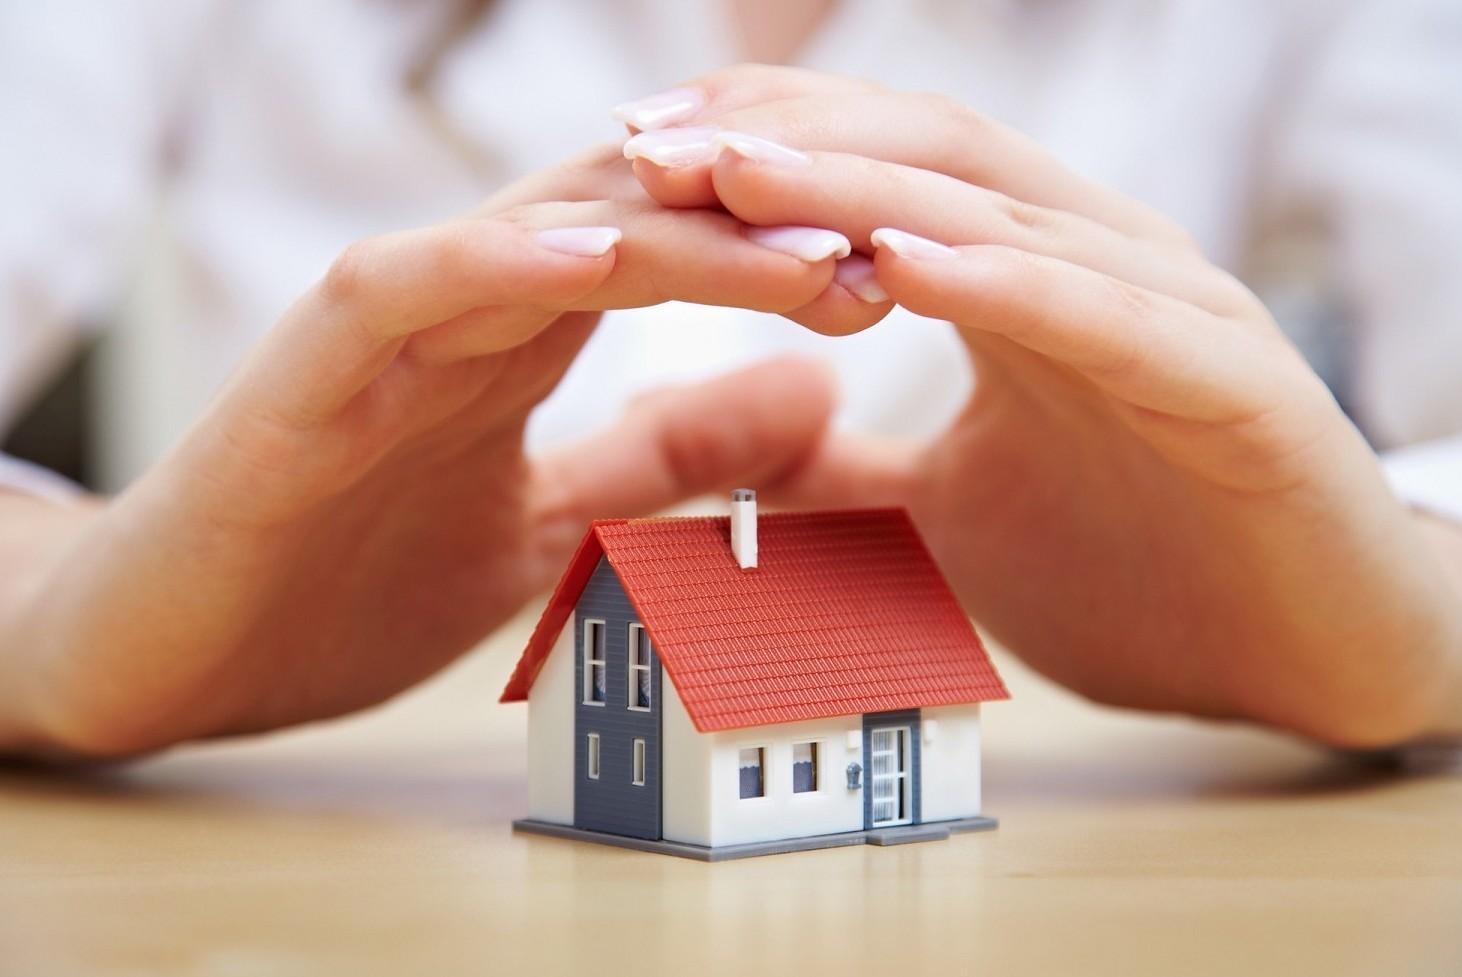 Assicurazione mutuo casa 2019-2020 migliore da scegliere per coperture e costi